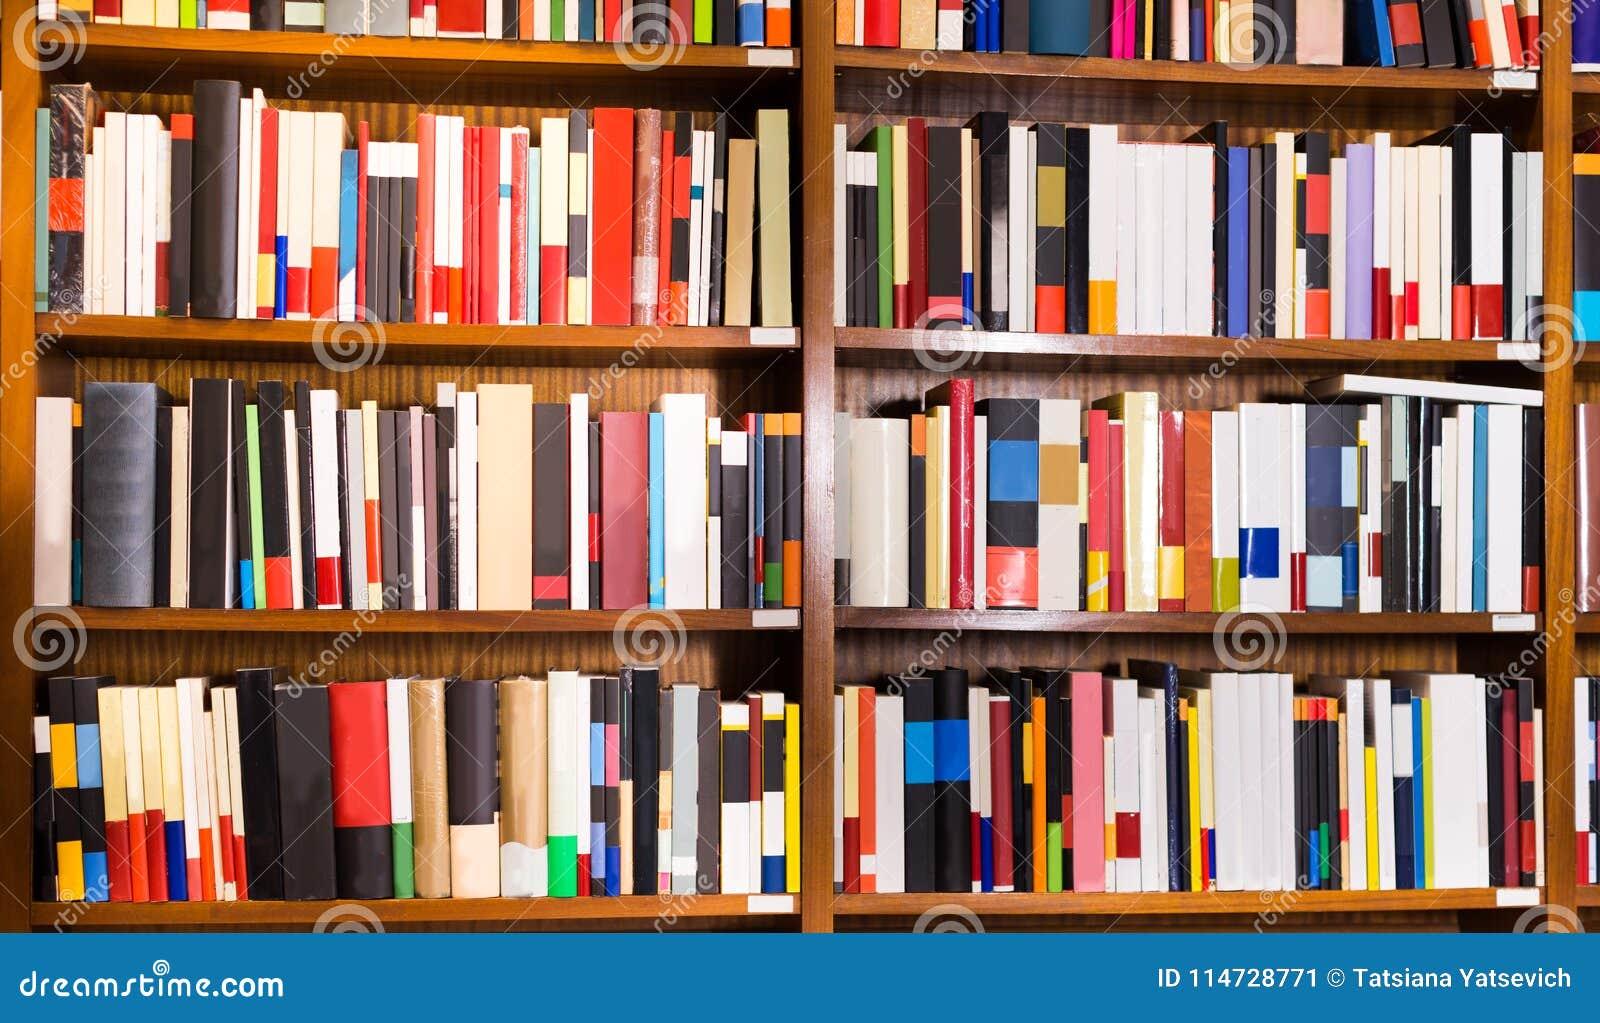 Livros Em Prateleiras Na Livraria Imagem de Stock - Imagem